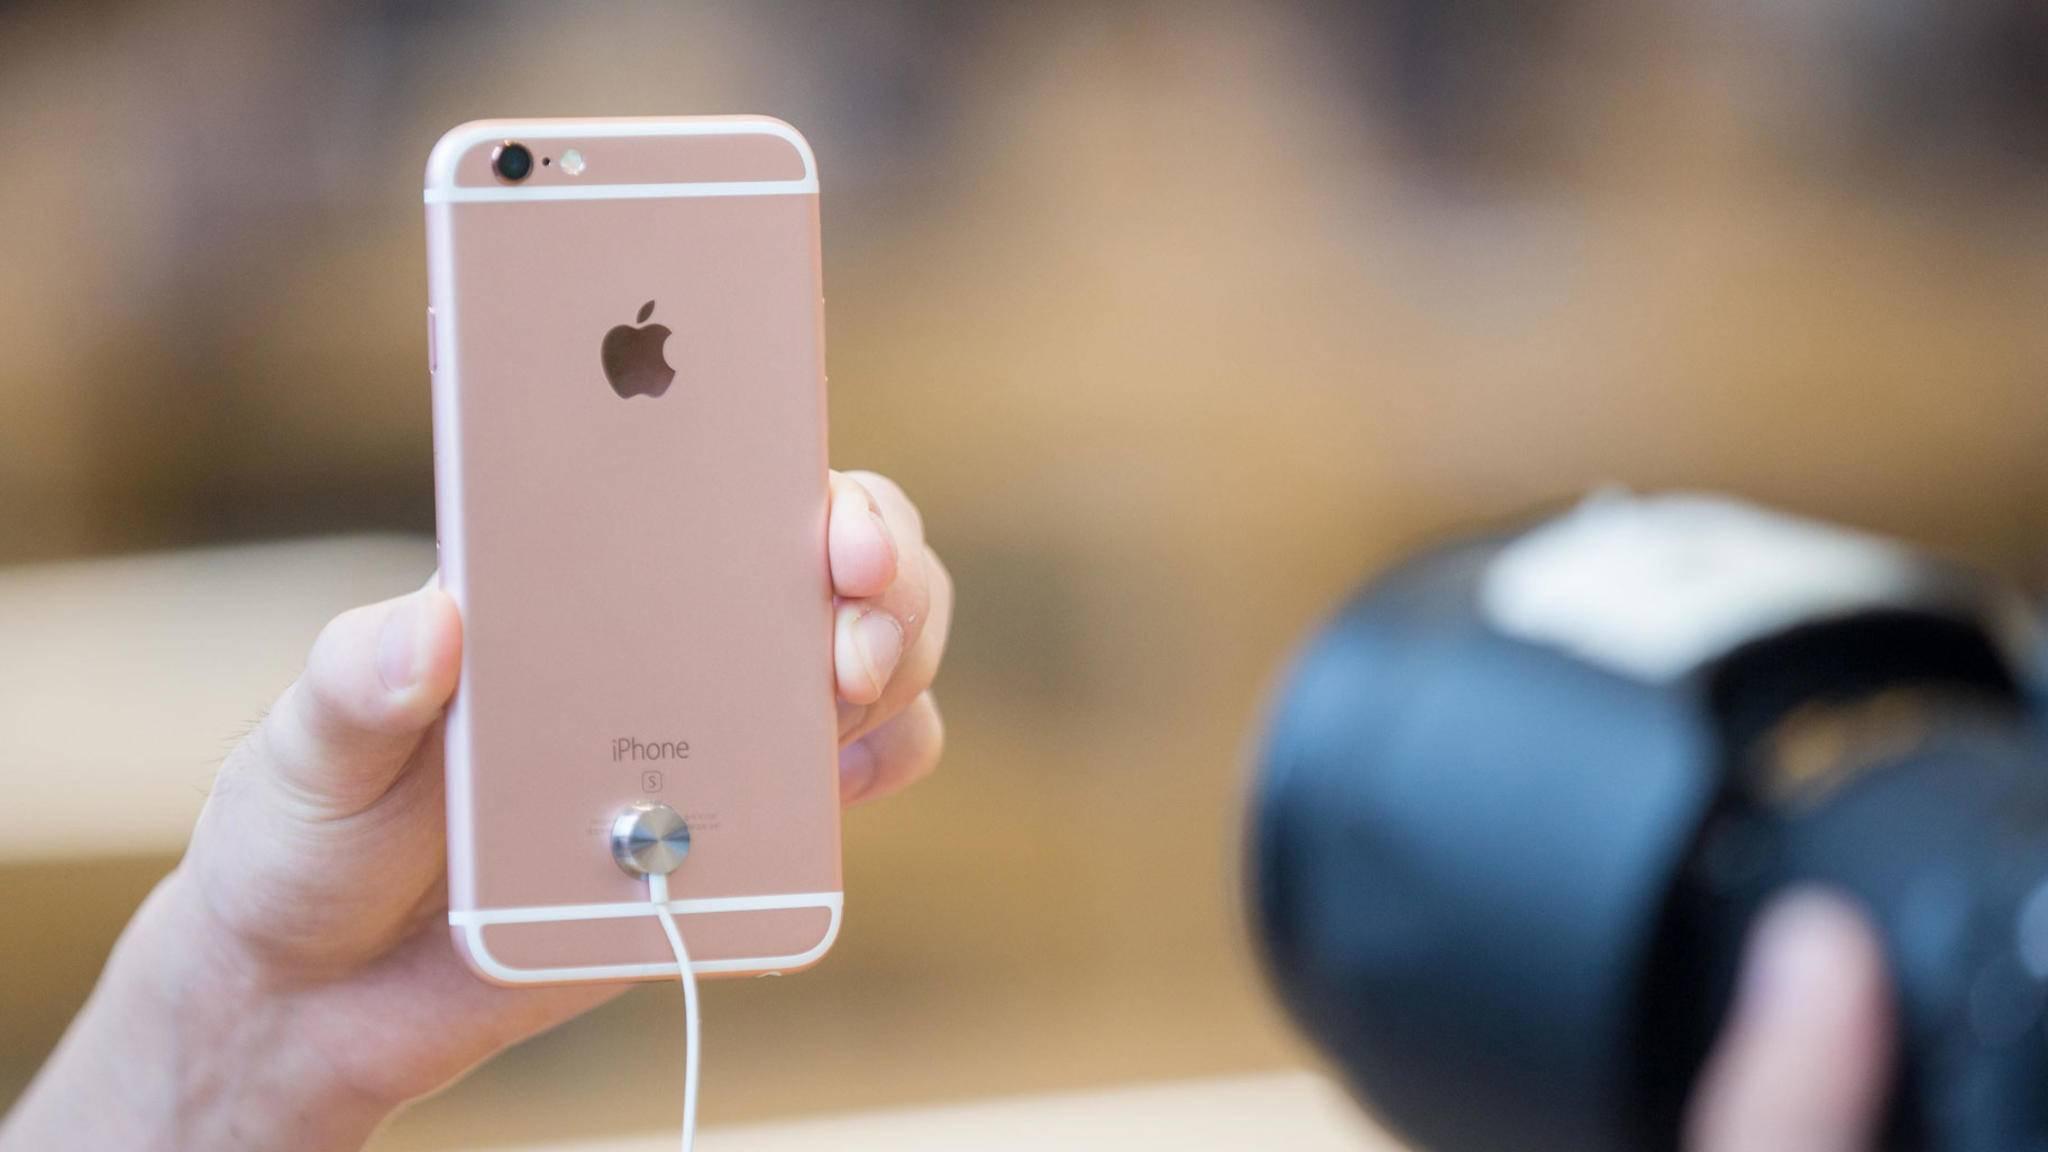 Das Unternehmen Cellebrite kann mit einem Hacking-Tool die Daten von unverschlüsselten iPhones extrahieren.